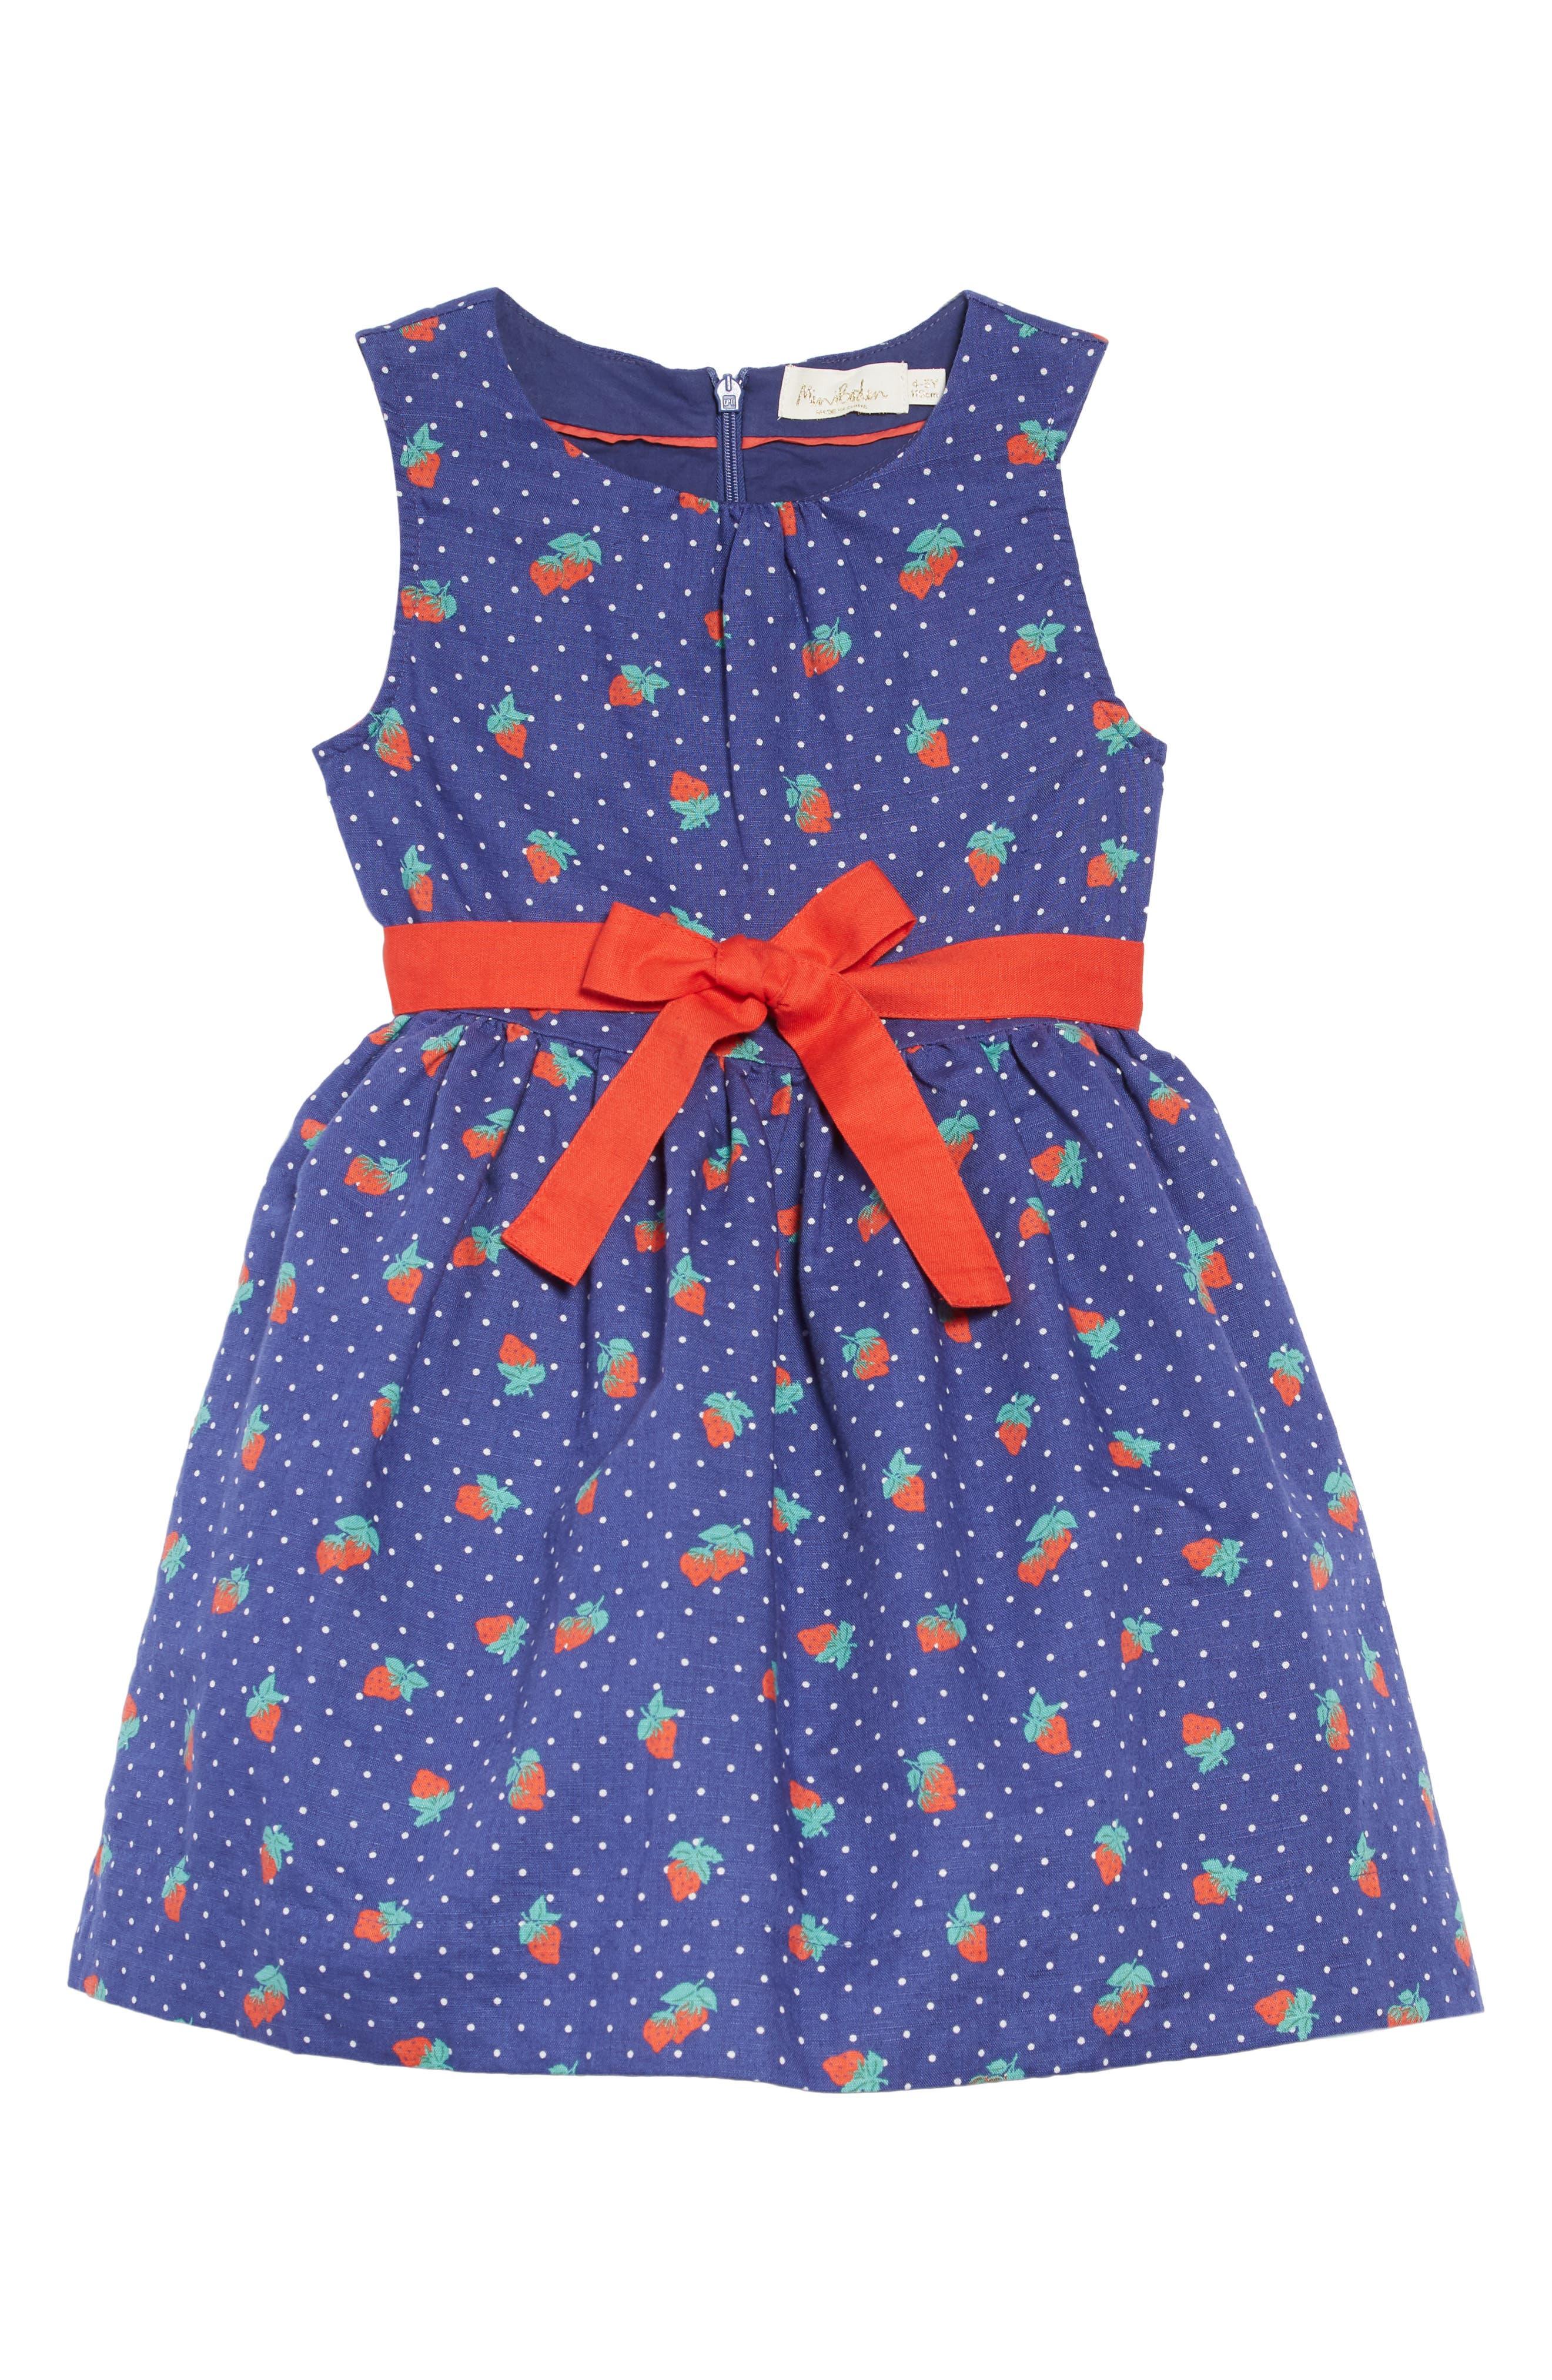 Vintage Dress, Main, color, BLU STARBOARD BLUE STRAWBERRY